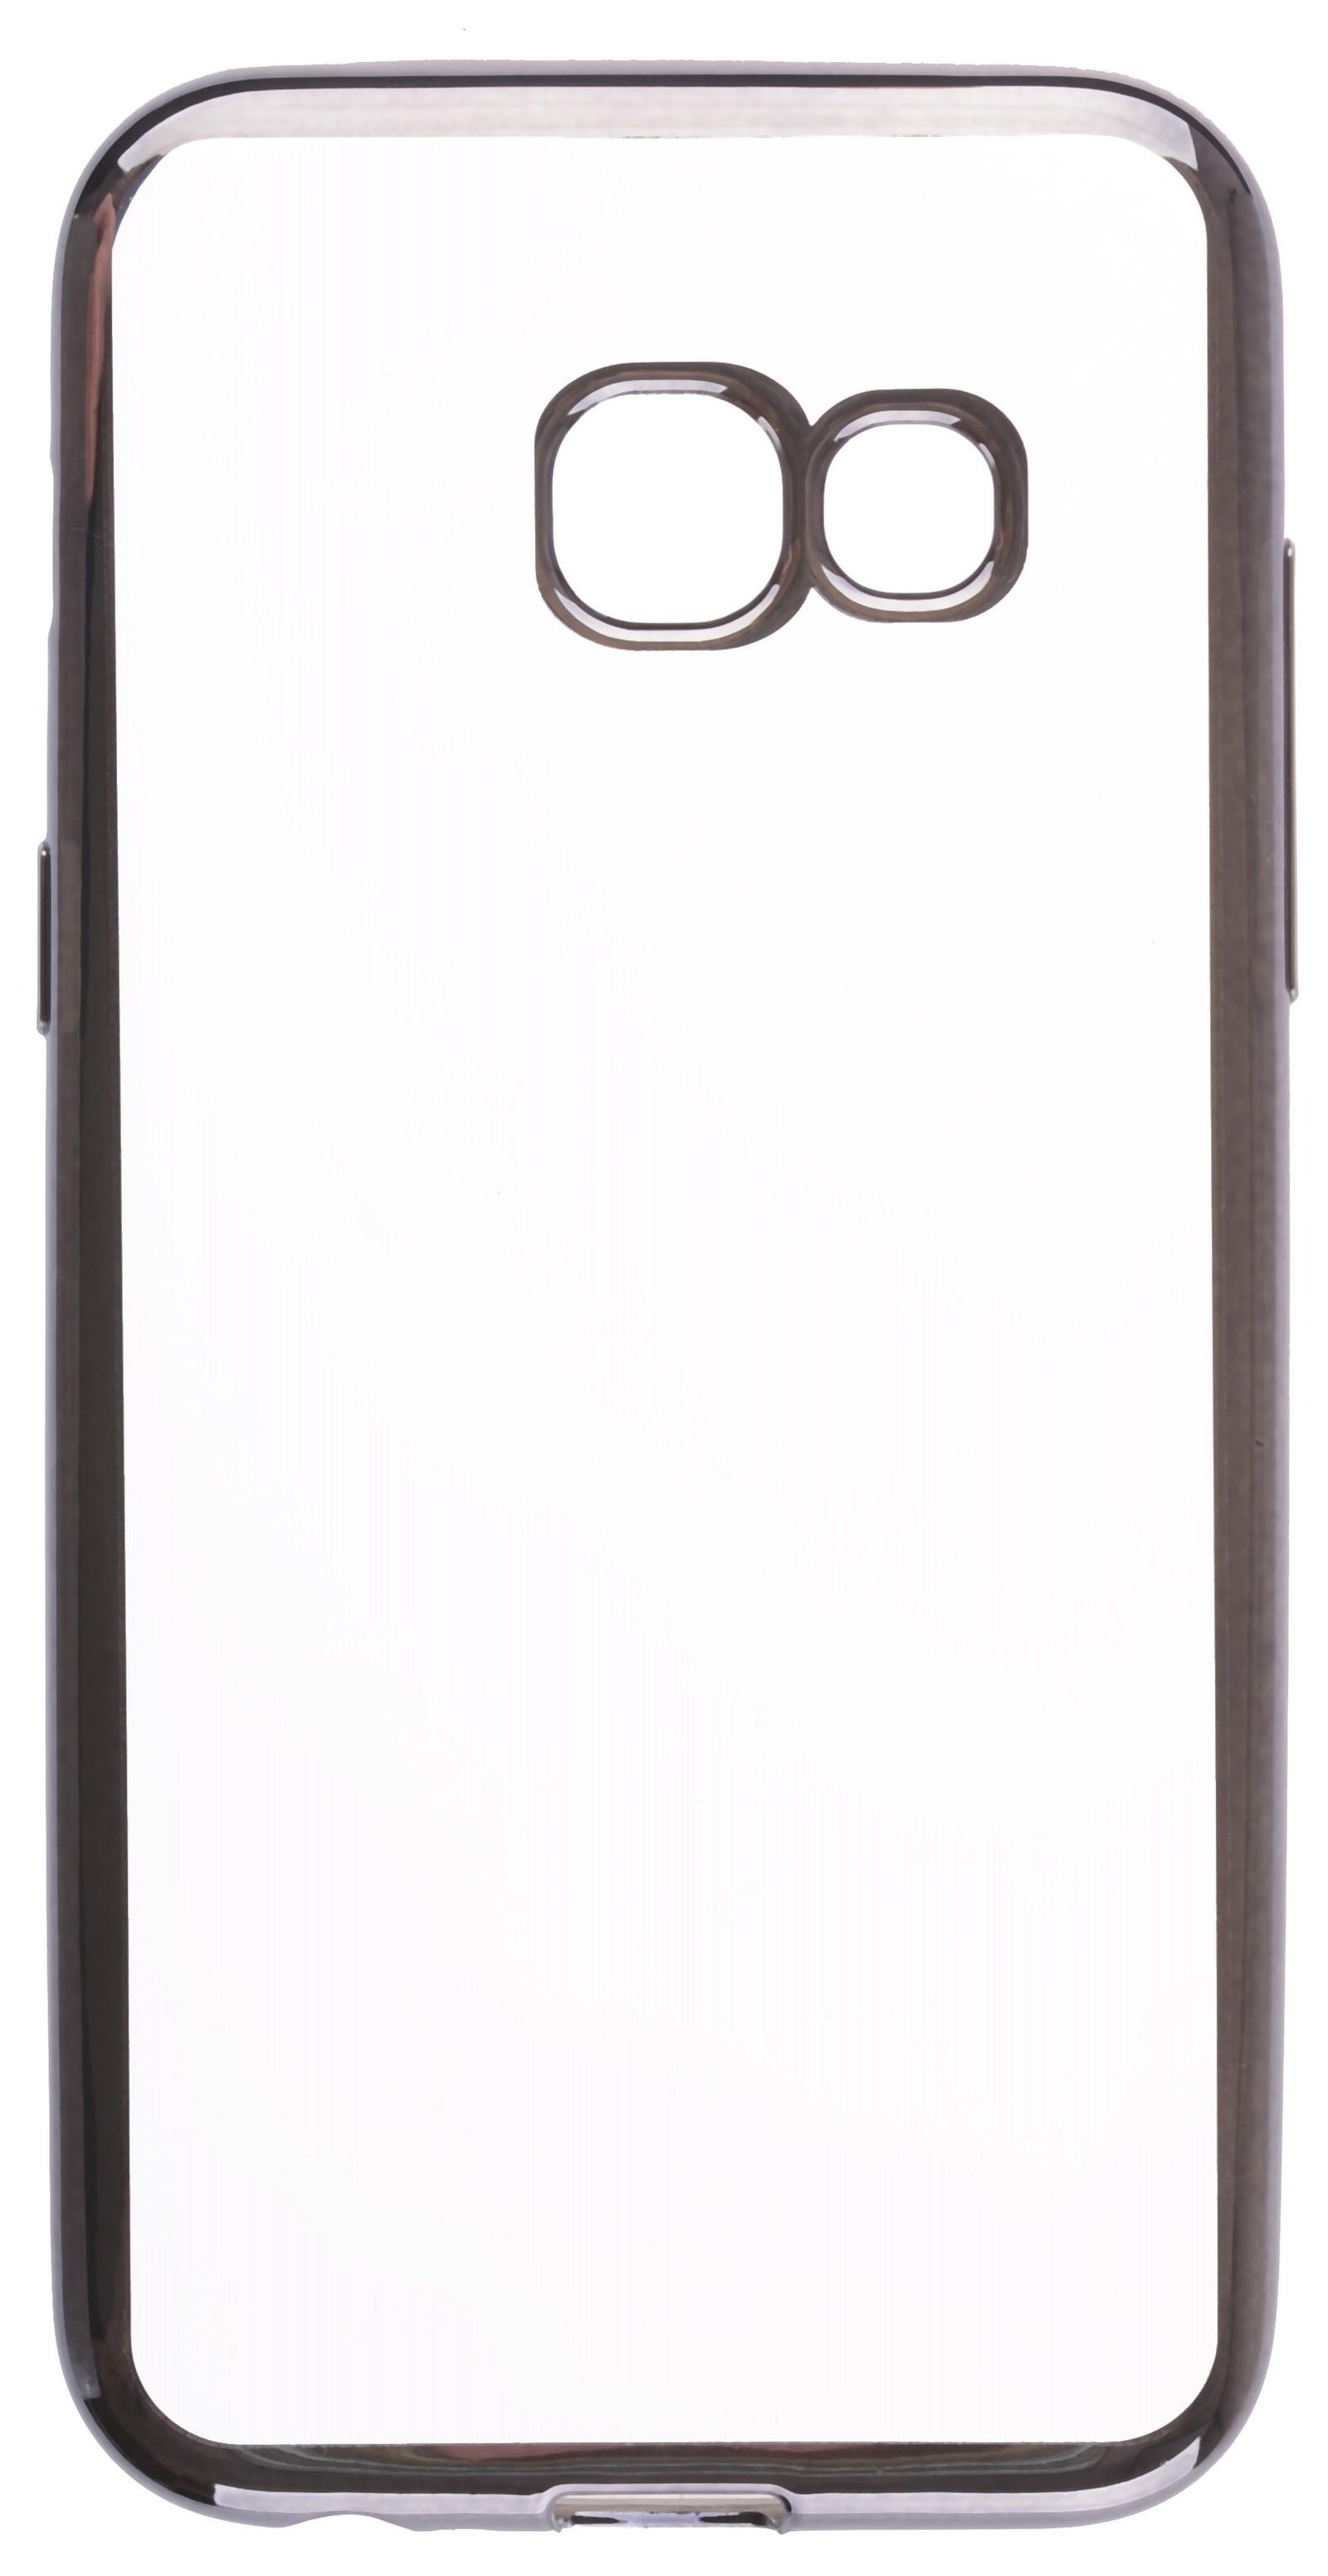 все цены на Чехол для сотового телефона skinBOX Silicone chrome border, 4630042524545 онлайн